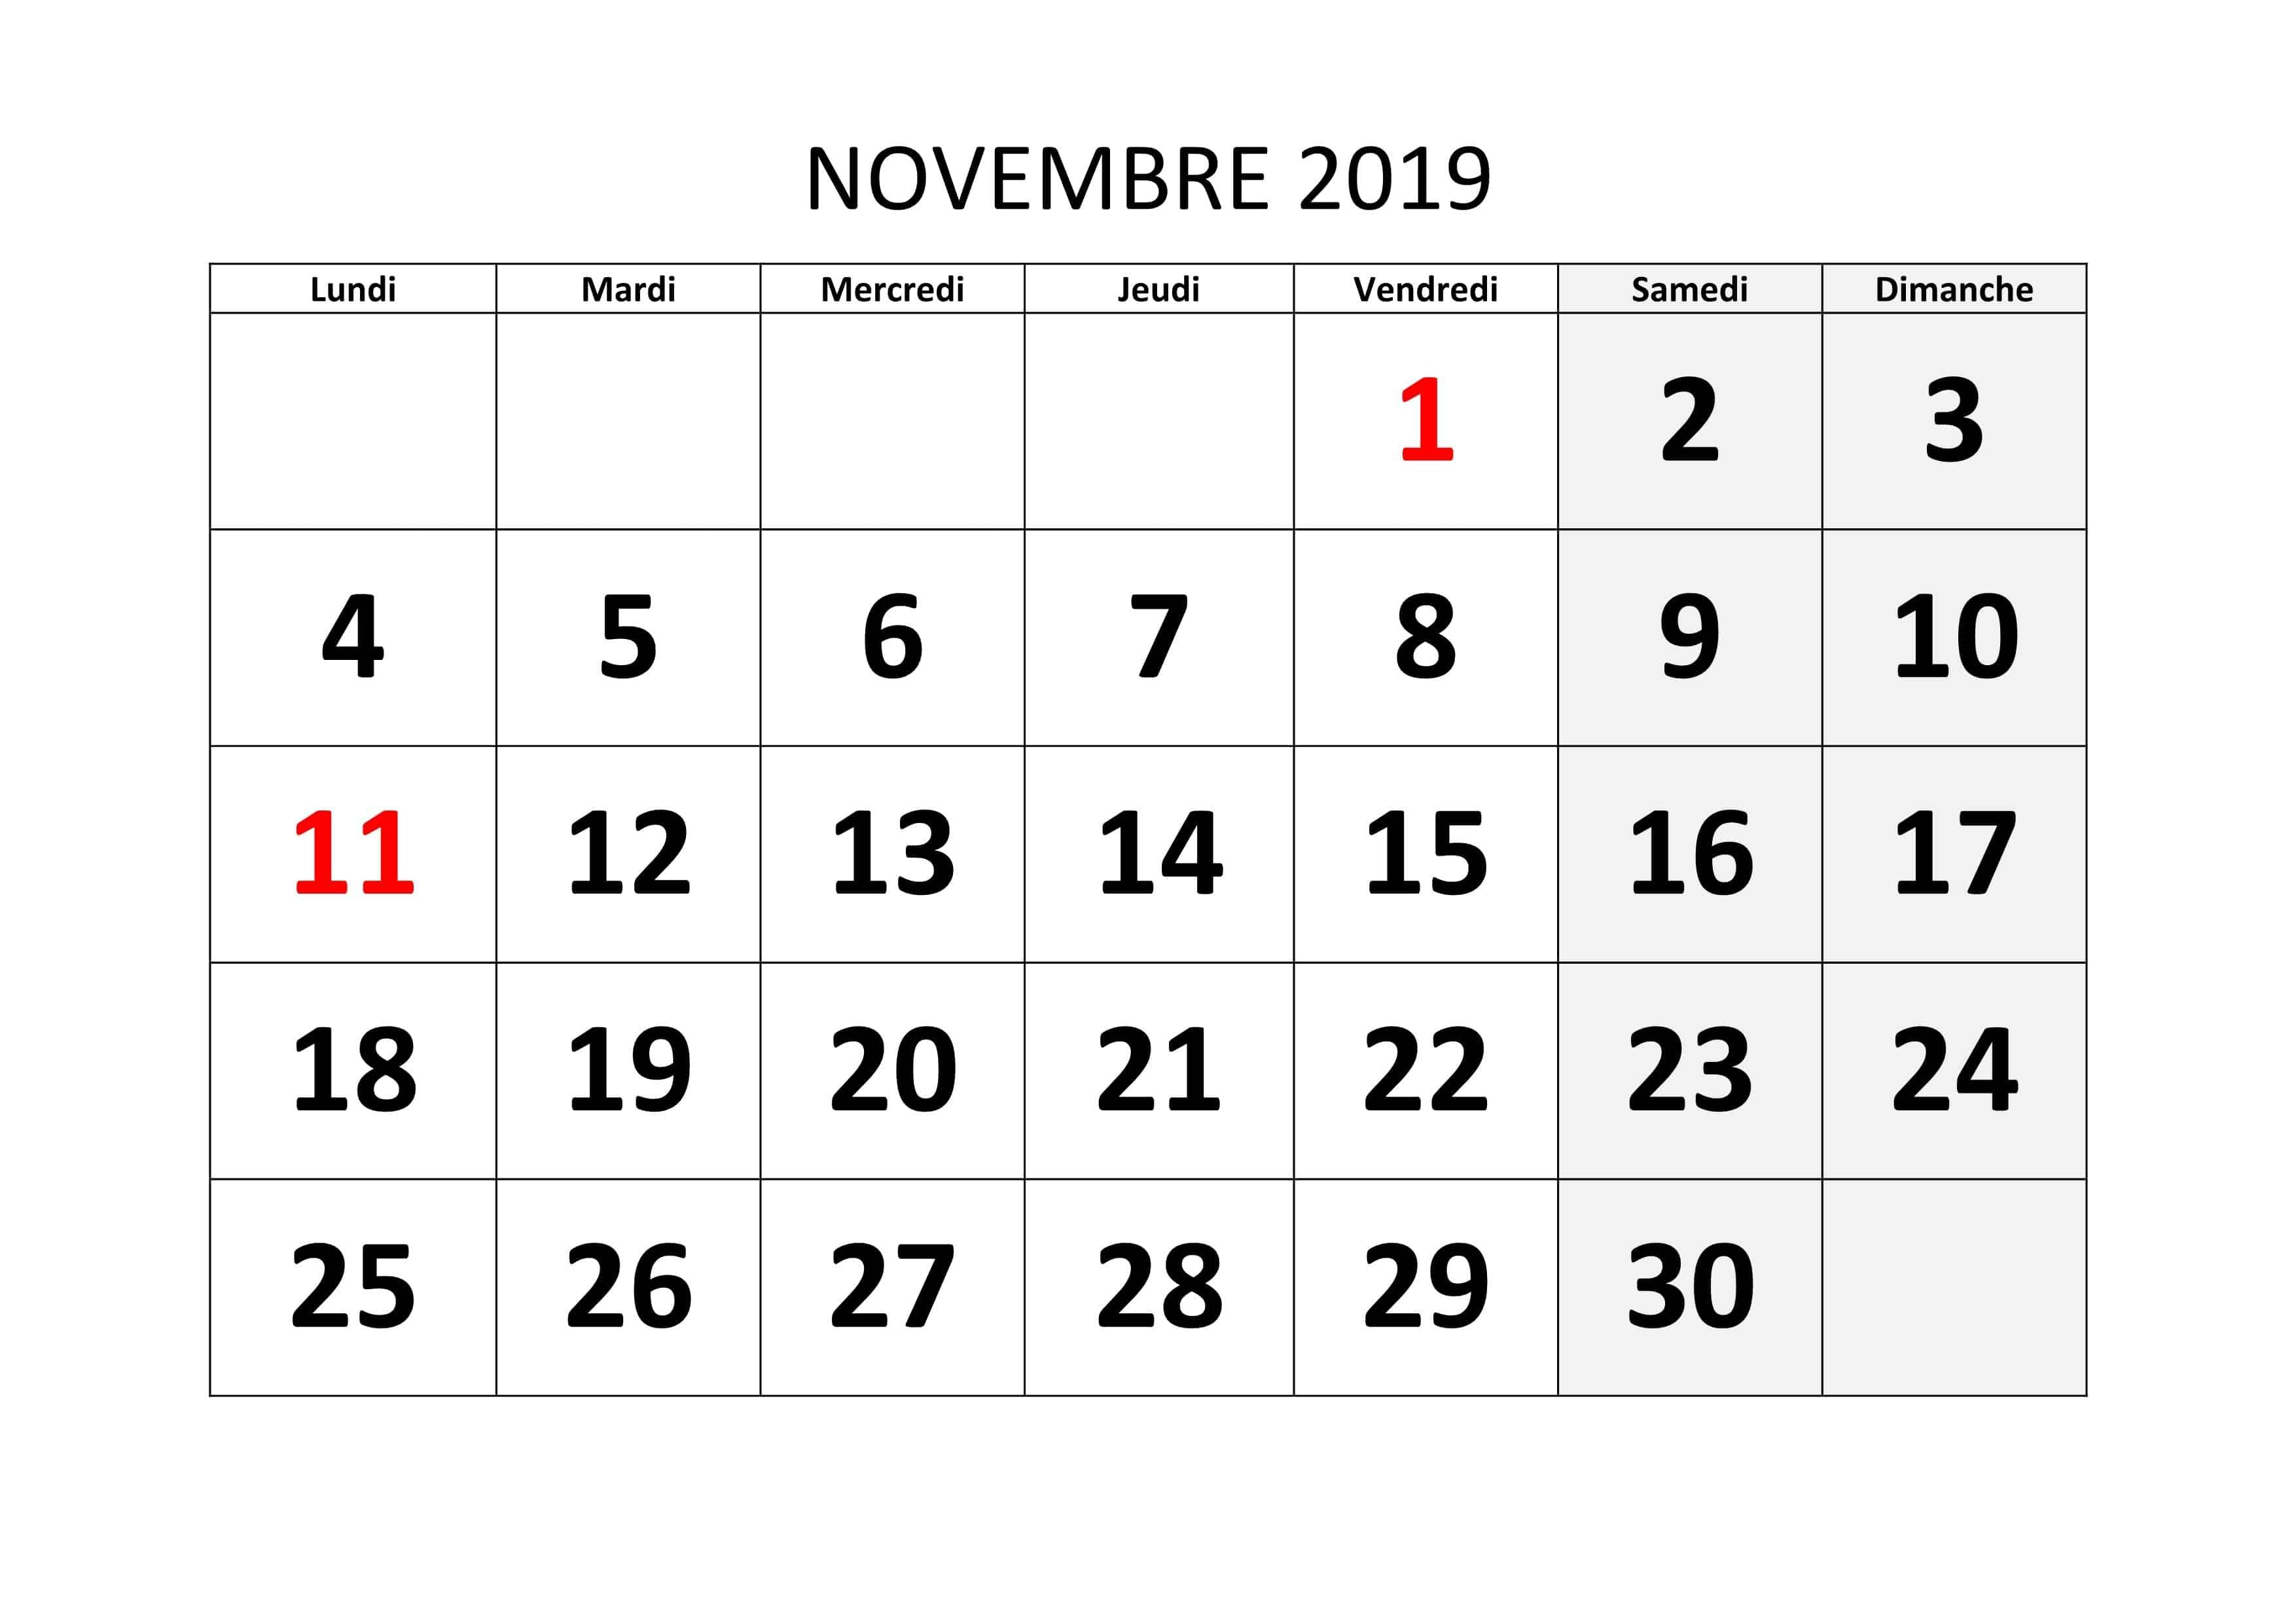 Calendrier Novembre Mois 2019